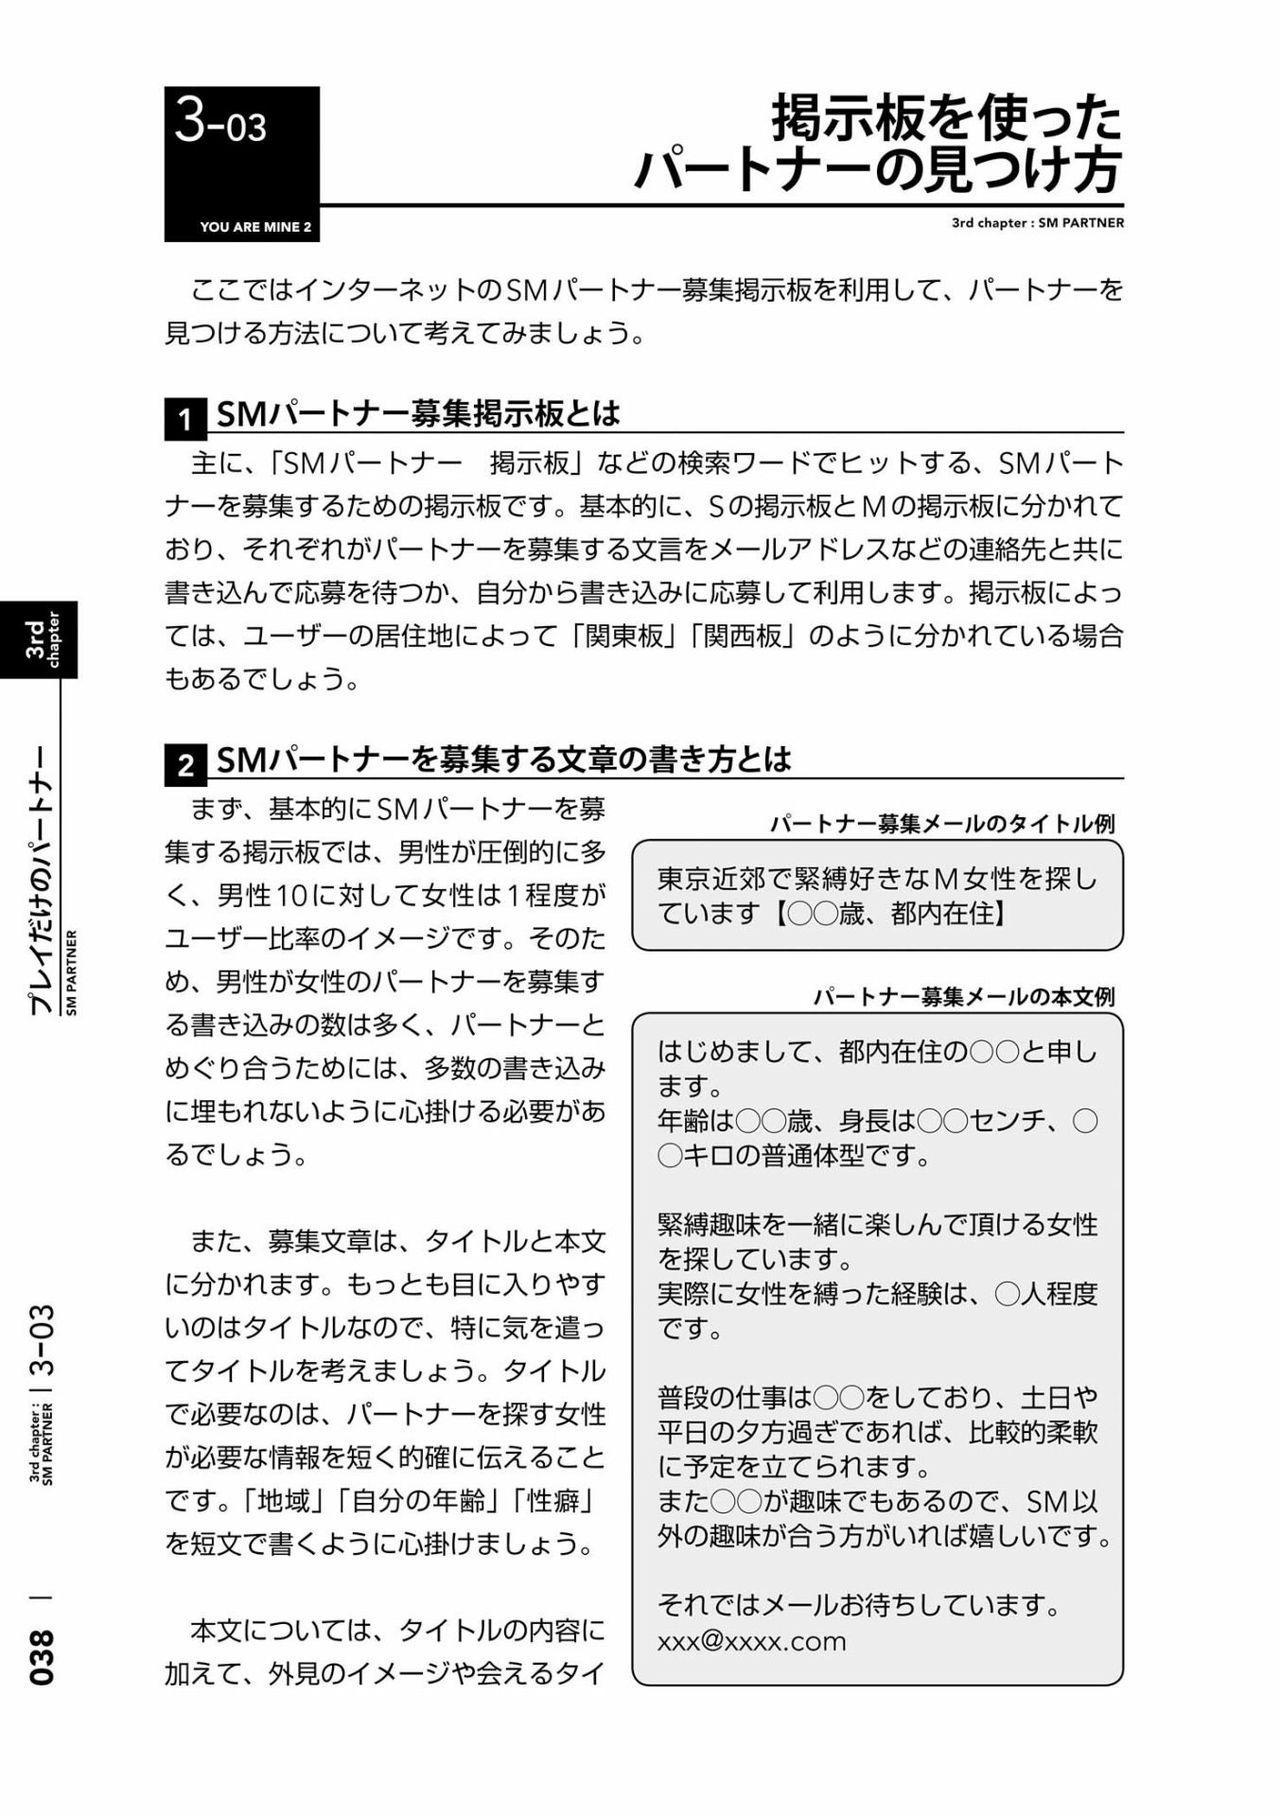 [Mitsuba] Karada mo Kokoro mo Boku no Mono ~Hajimete no SM Guide~ 2 [Digital] 40